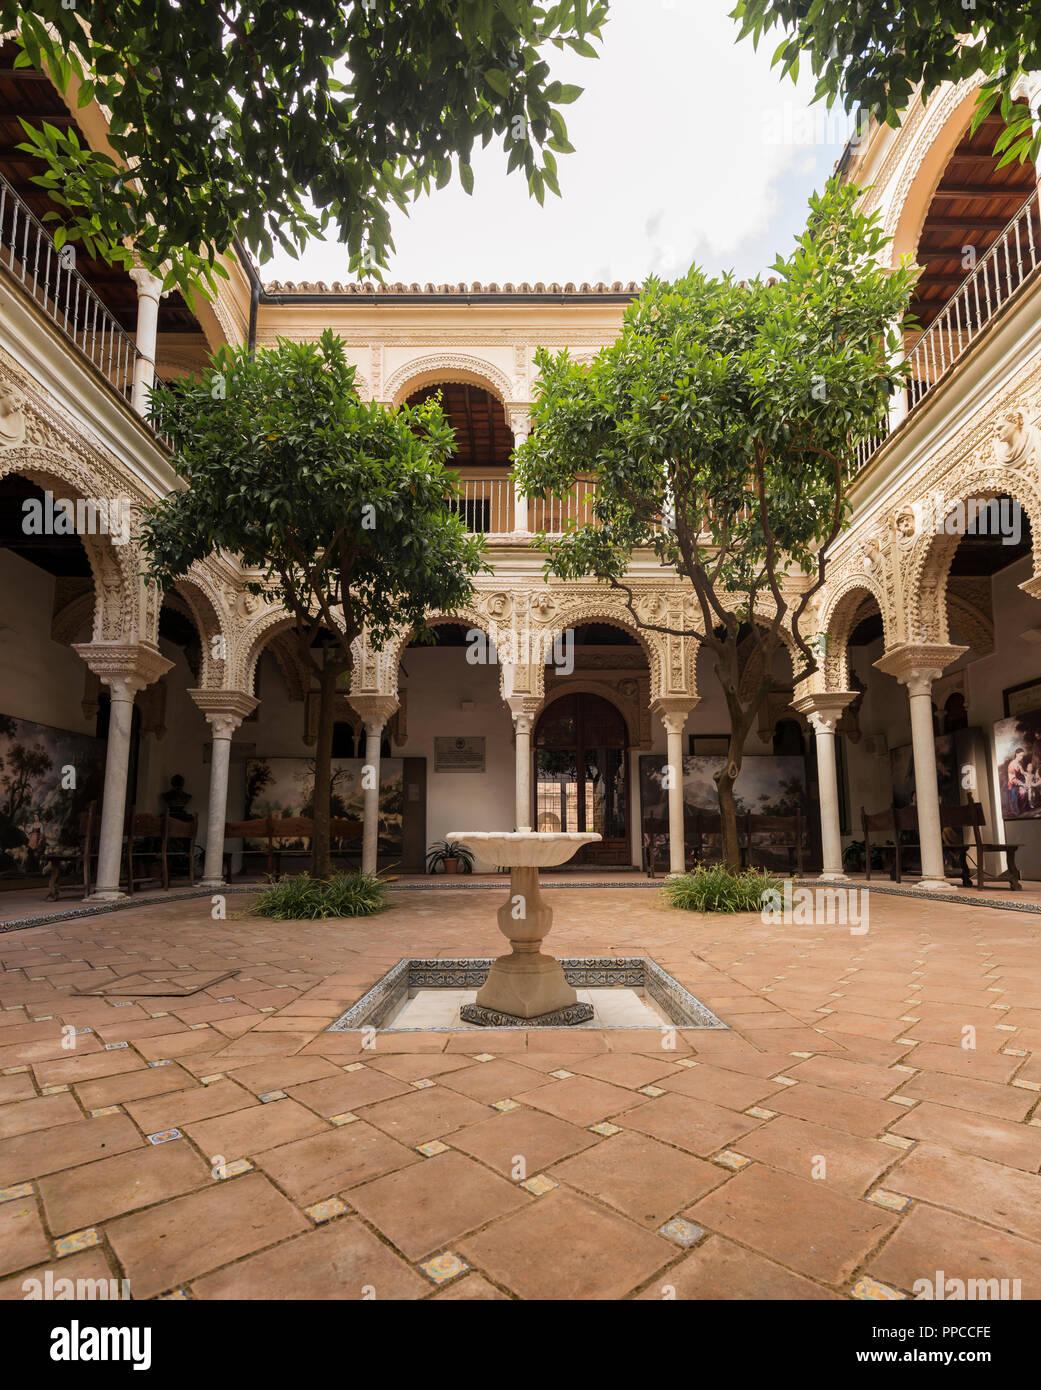 Cour avec portique, architecture arabe, Casa de los Pinelo, Andalousie, Espagne Photo Stock